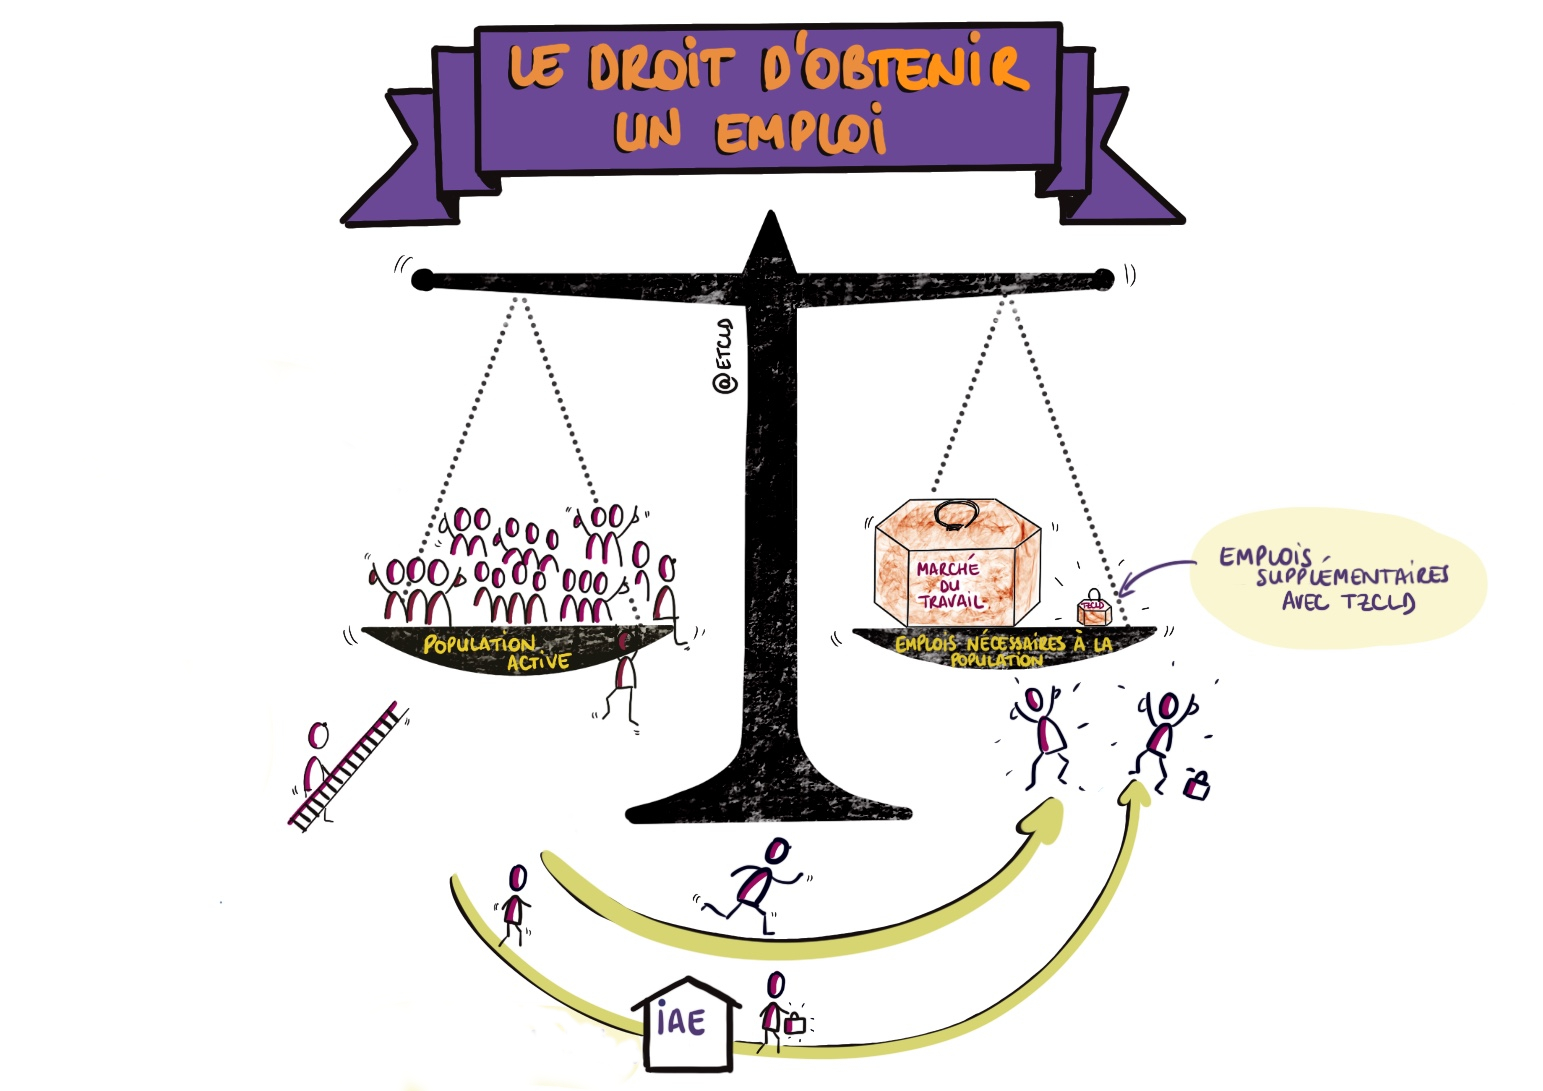 Balance Droit Obtenir un emploi